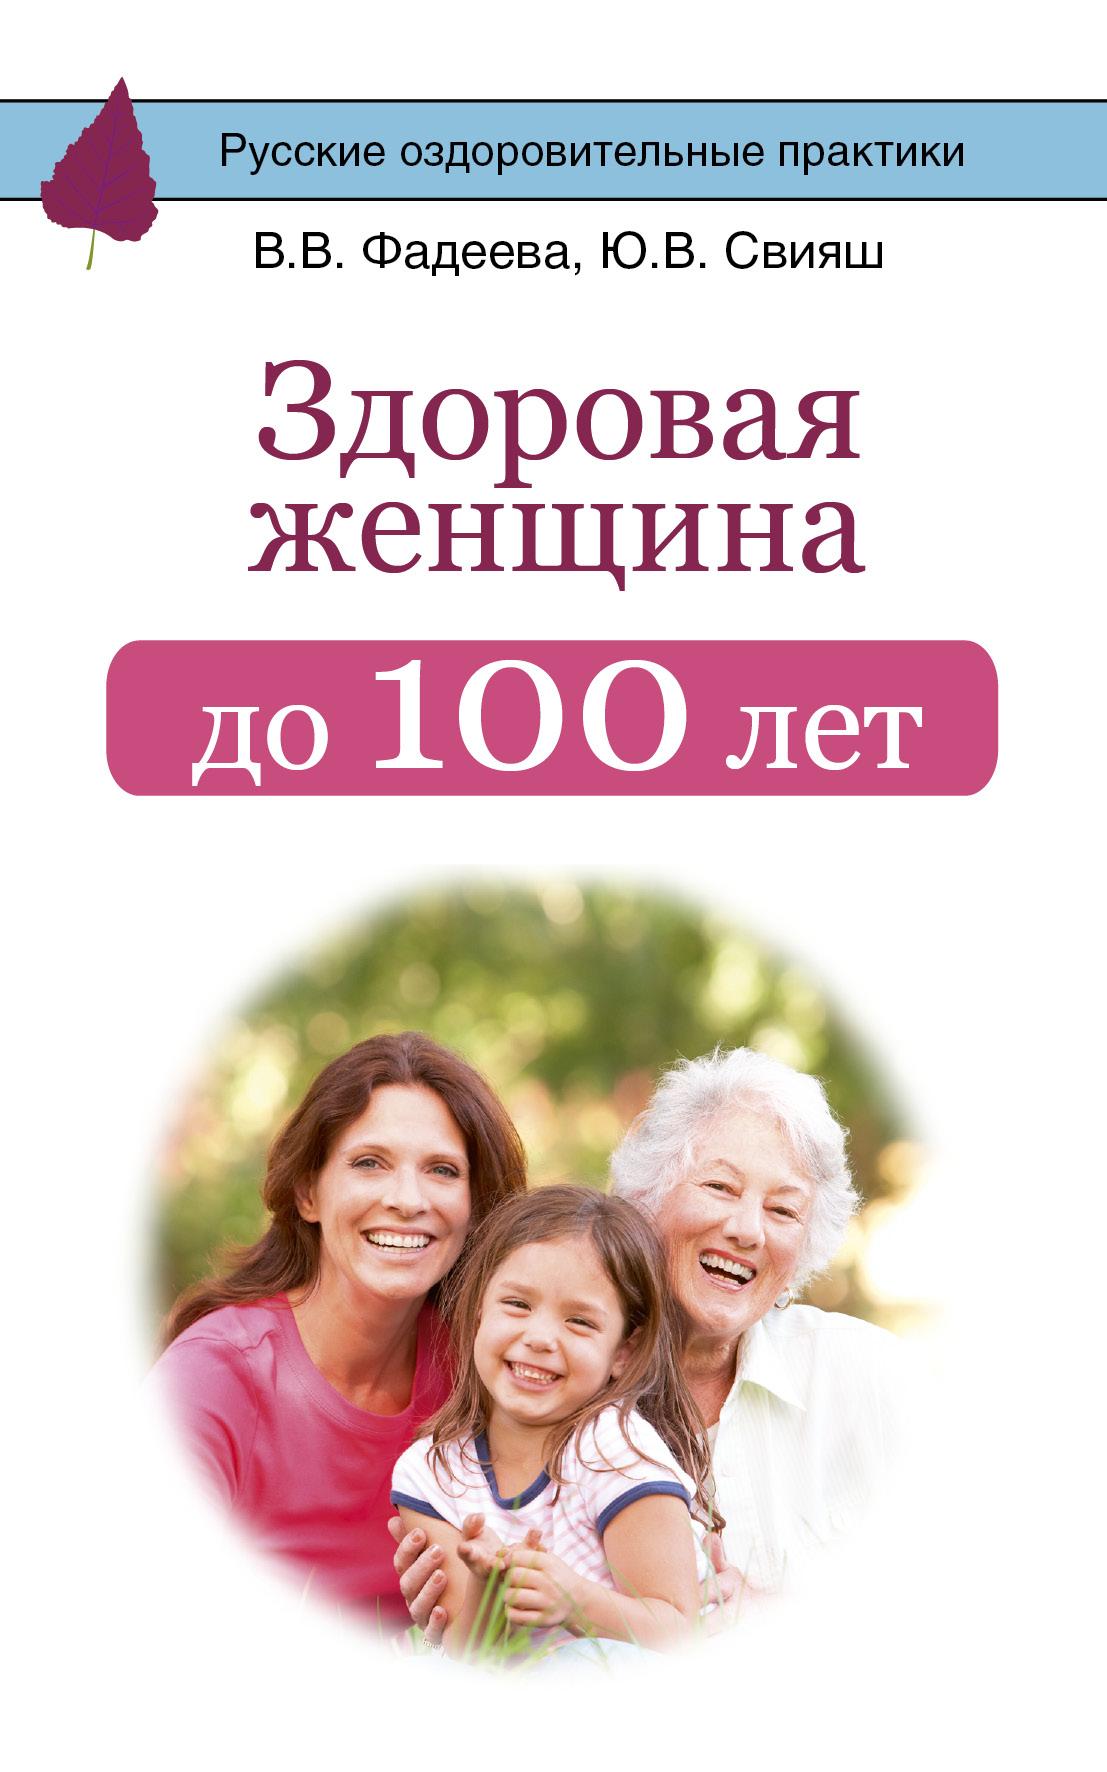 Здоровая женщина до 100 лет ( Свияш Ю.В.  )